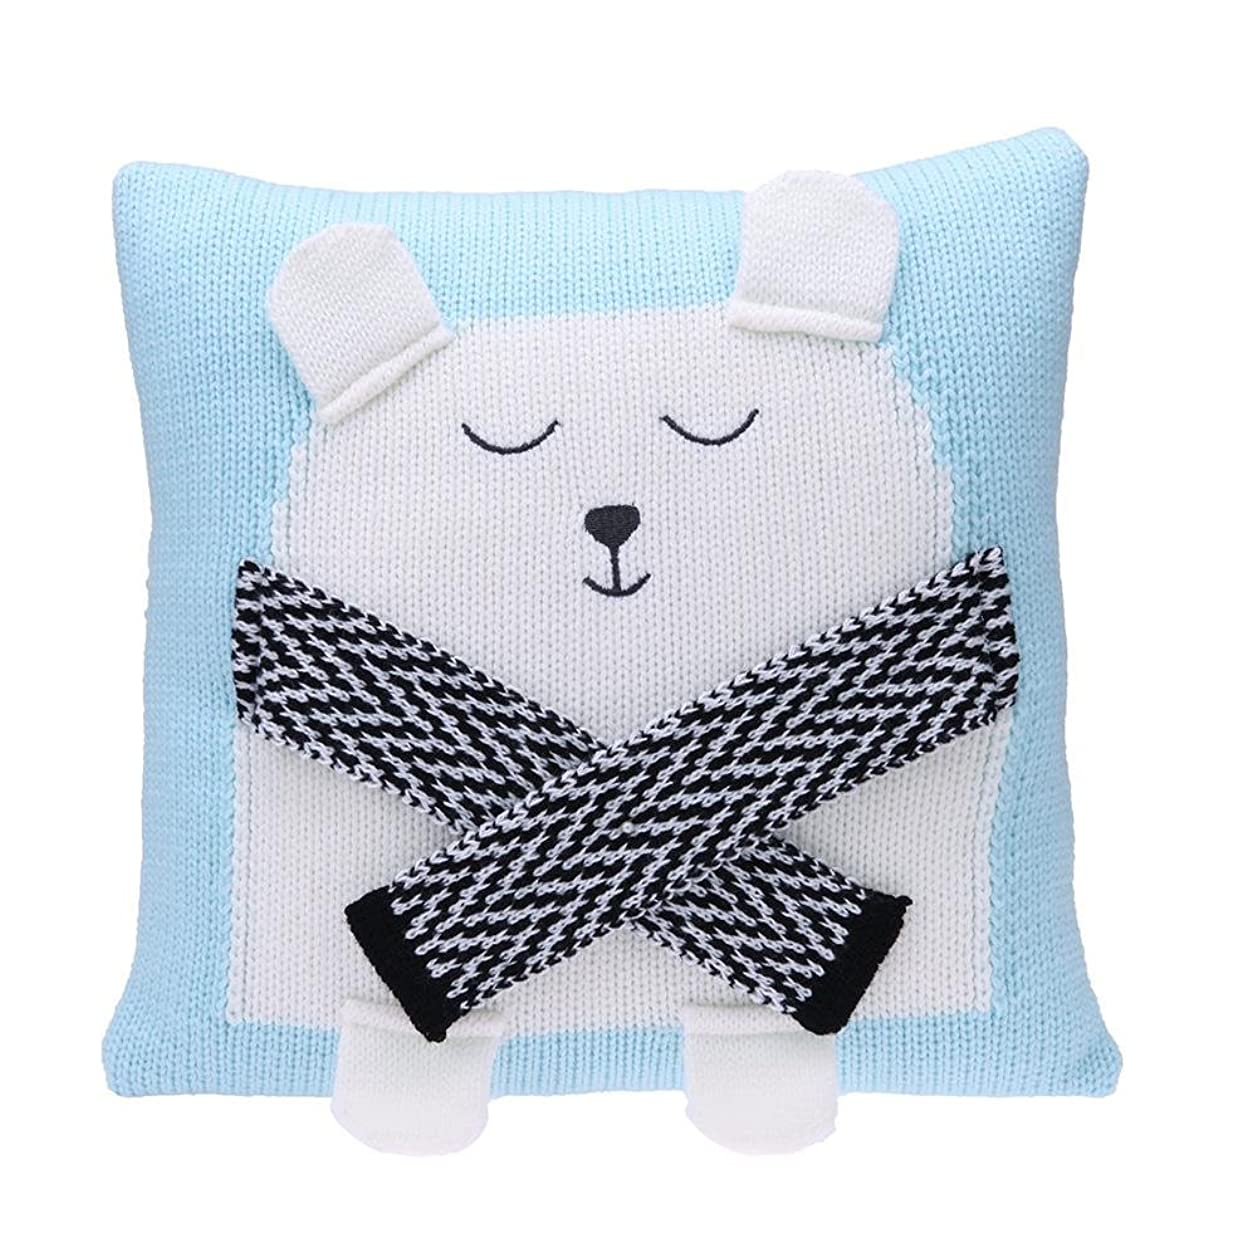 緊張する月収縮Tuankay 枕カバー 抱き枕カバー クッションカバー 35x35cm 柔らか ソファー 車 子供 可愛い クマ